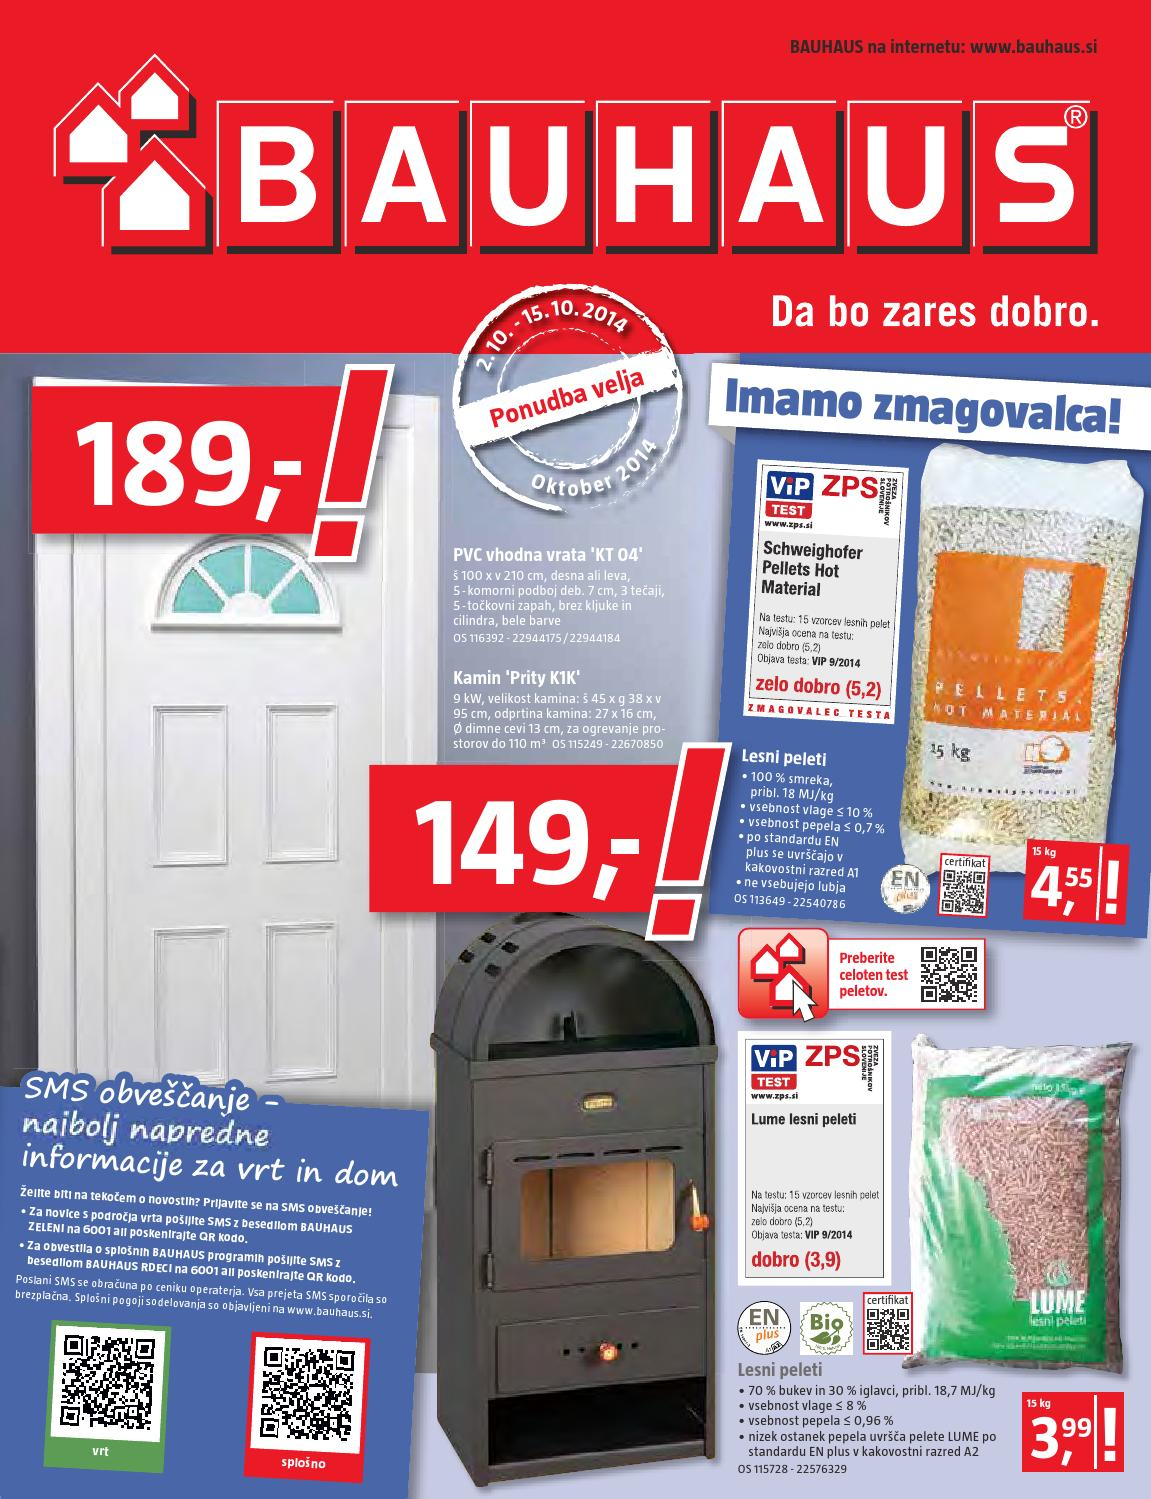 bauhaus katalog by vsikatalogi.si - issuu